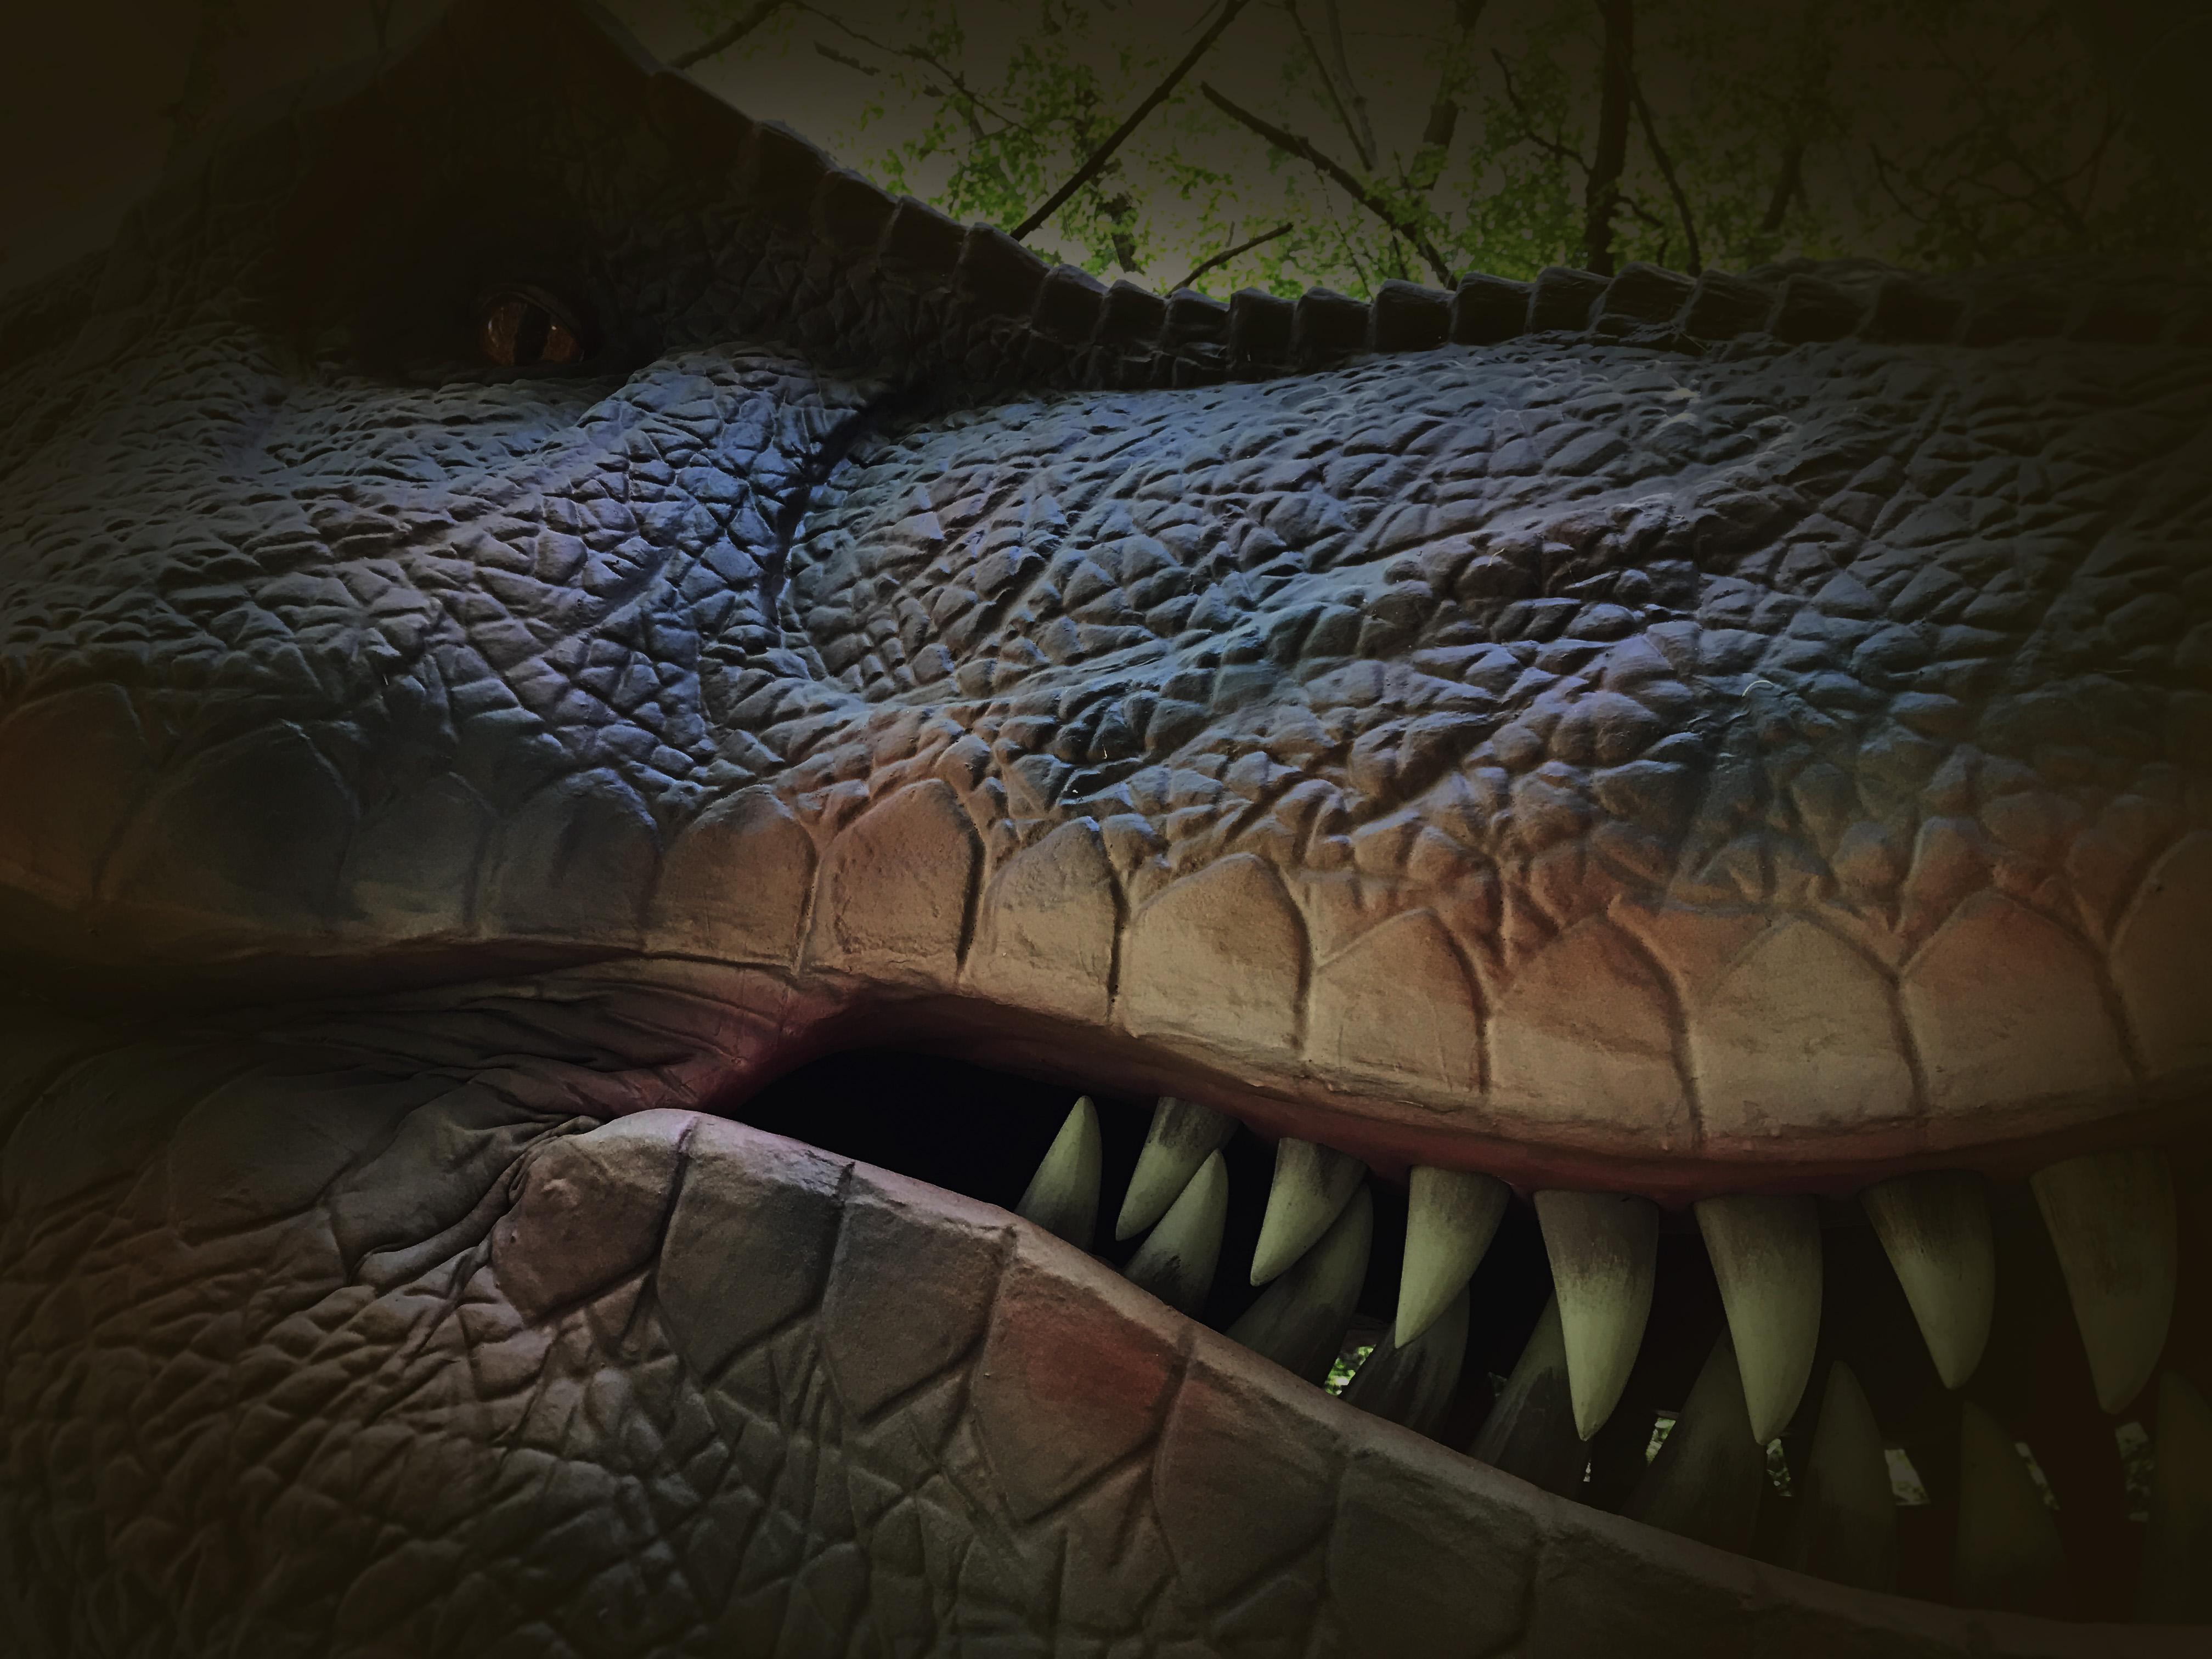 増殖した恐竜が現る危機的状況の森。直ちに危険地帯の調査に向かえ!